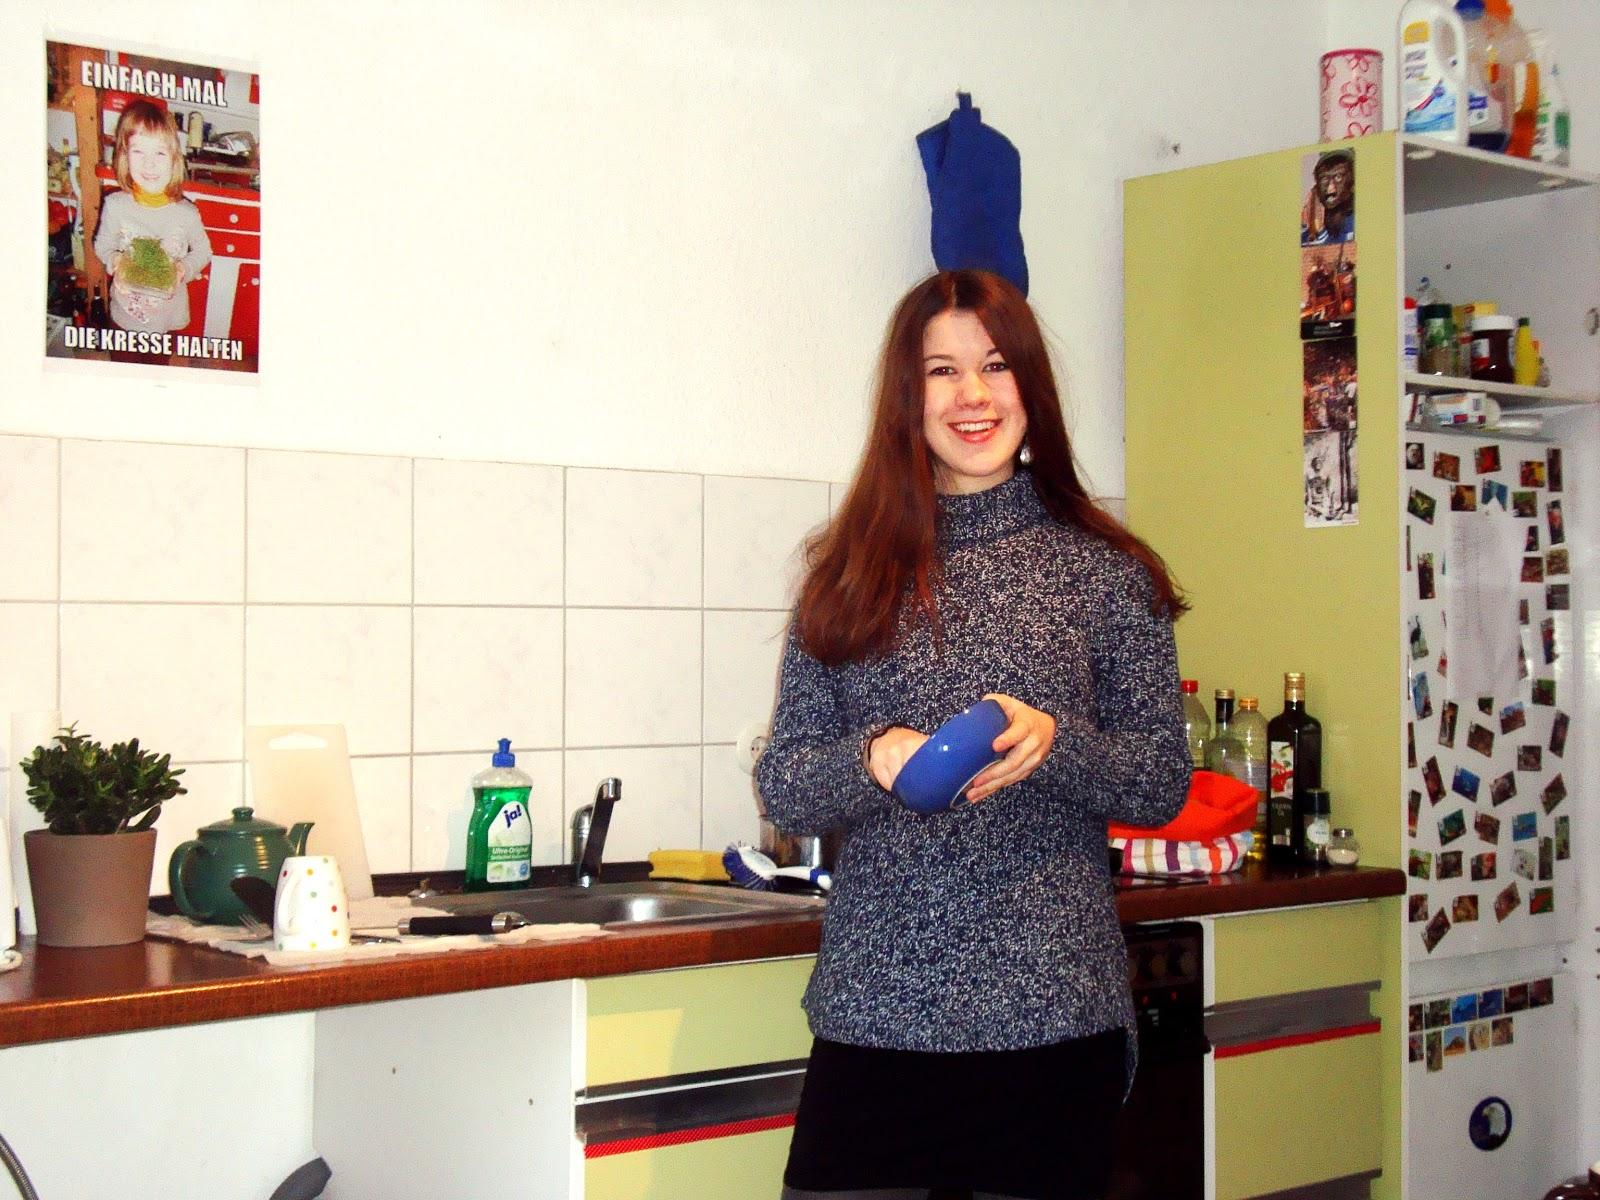 Nett Lisa Ann Küche Fotos - Küche Set Ideen - deriherusweets.info